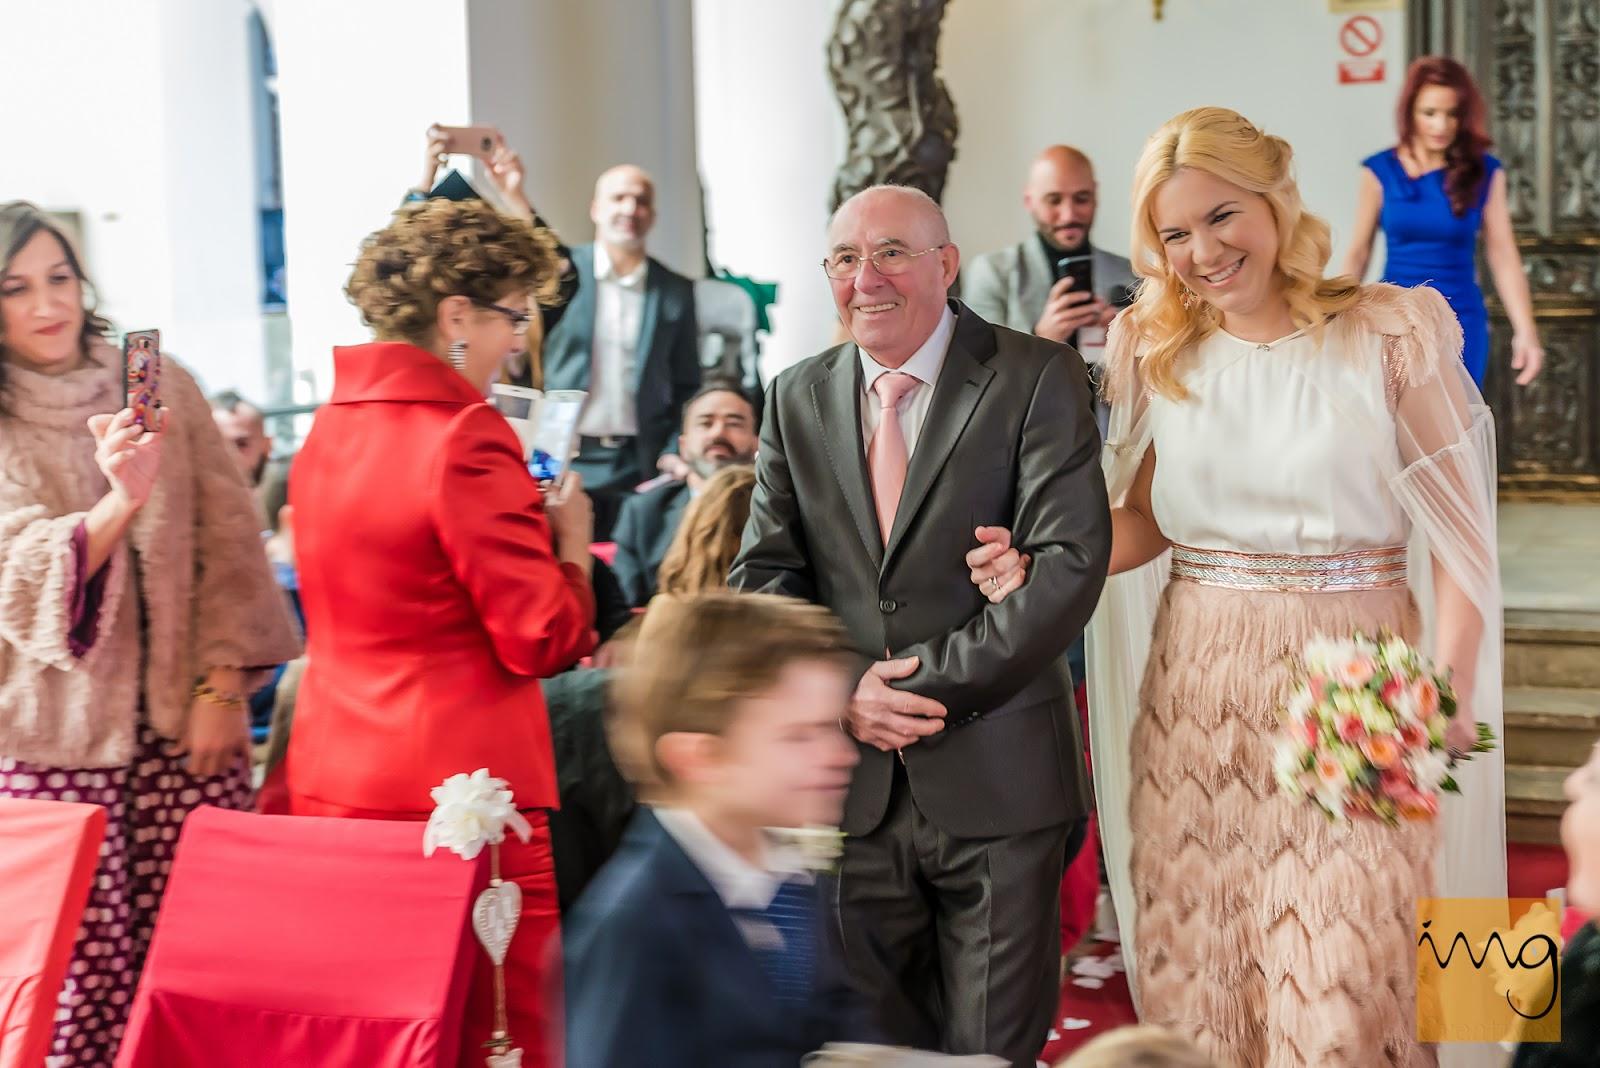 Fotografía de boda. Novia entrando a la celebración.